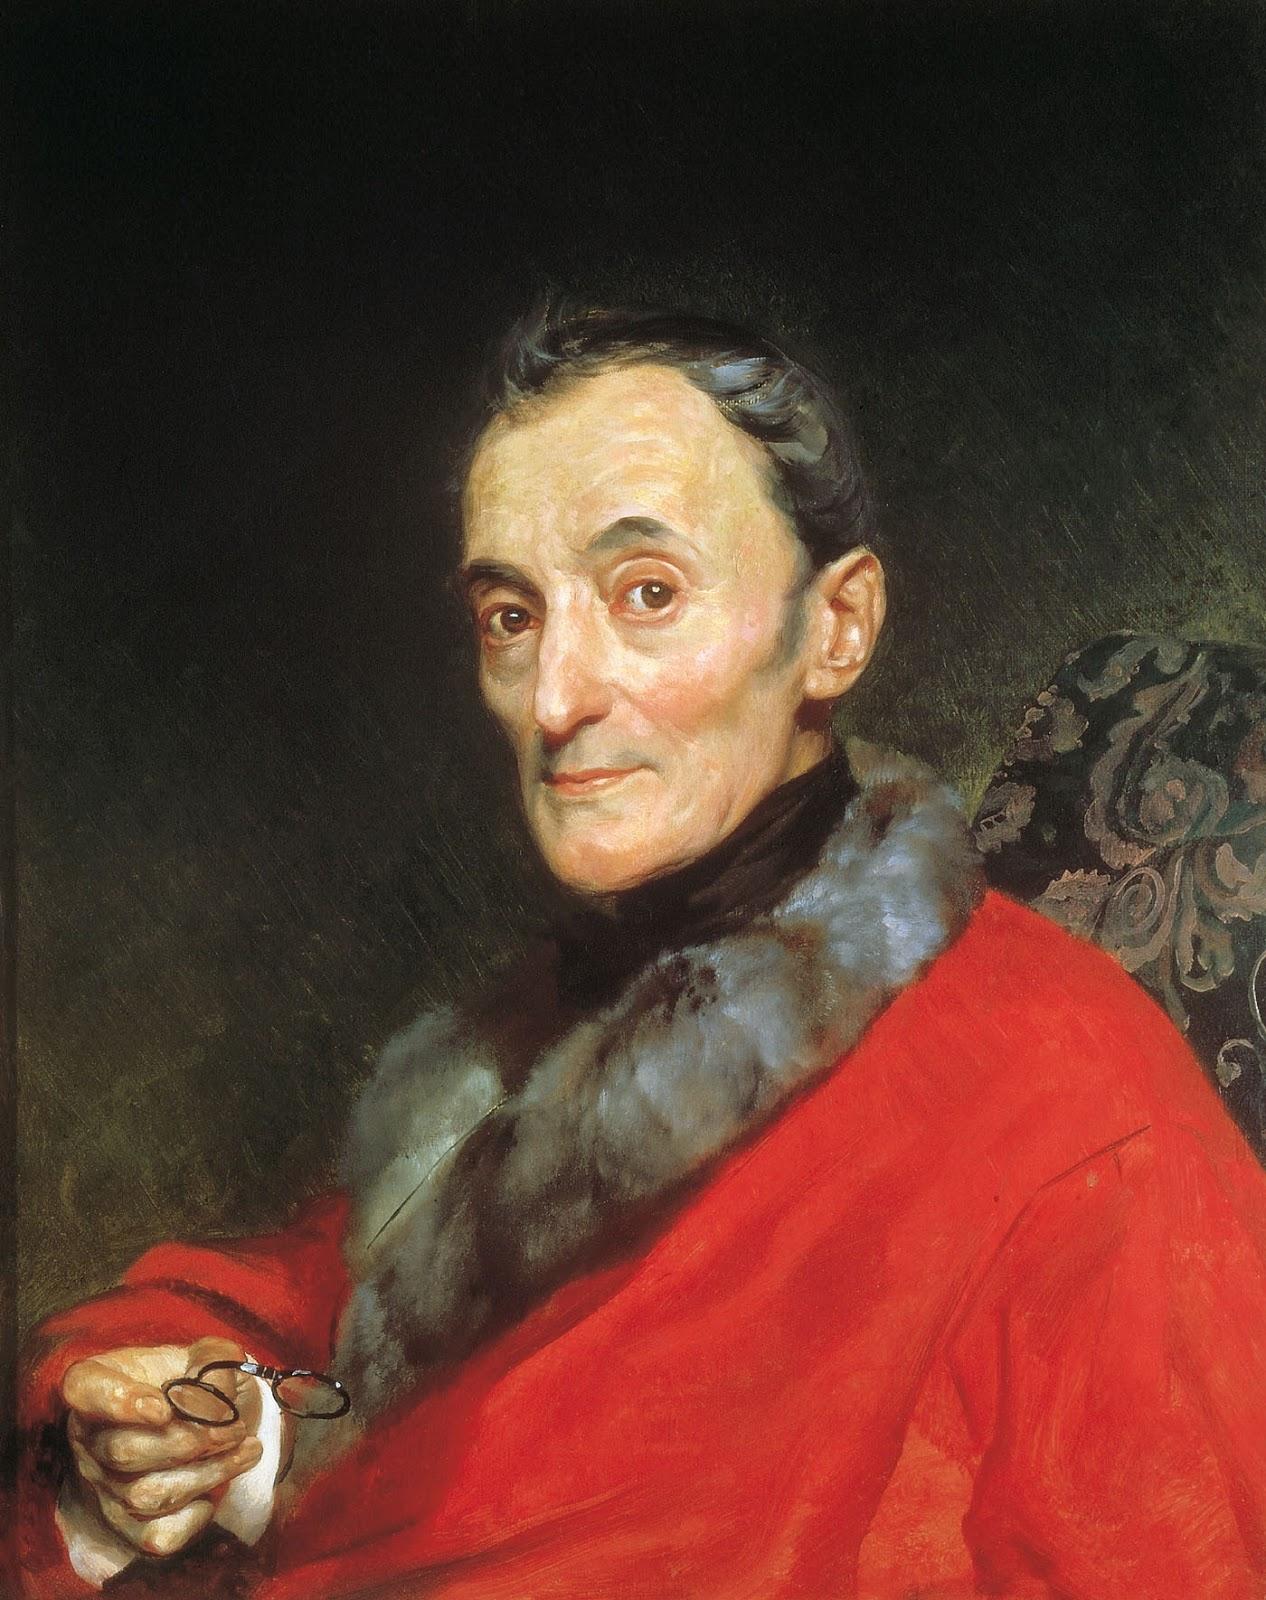 Karl   riullov  Portrait  of  the  Archaeologist  Makedandzhelo  Lanchi C